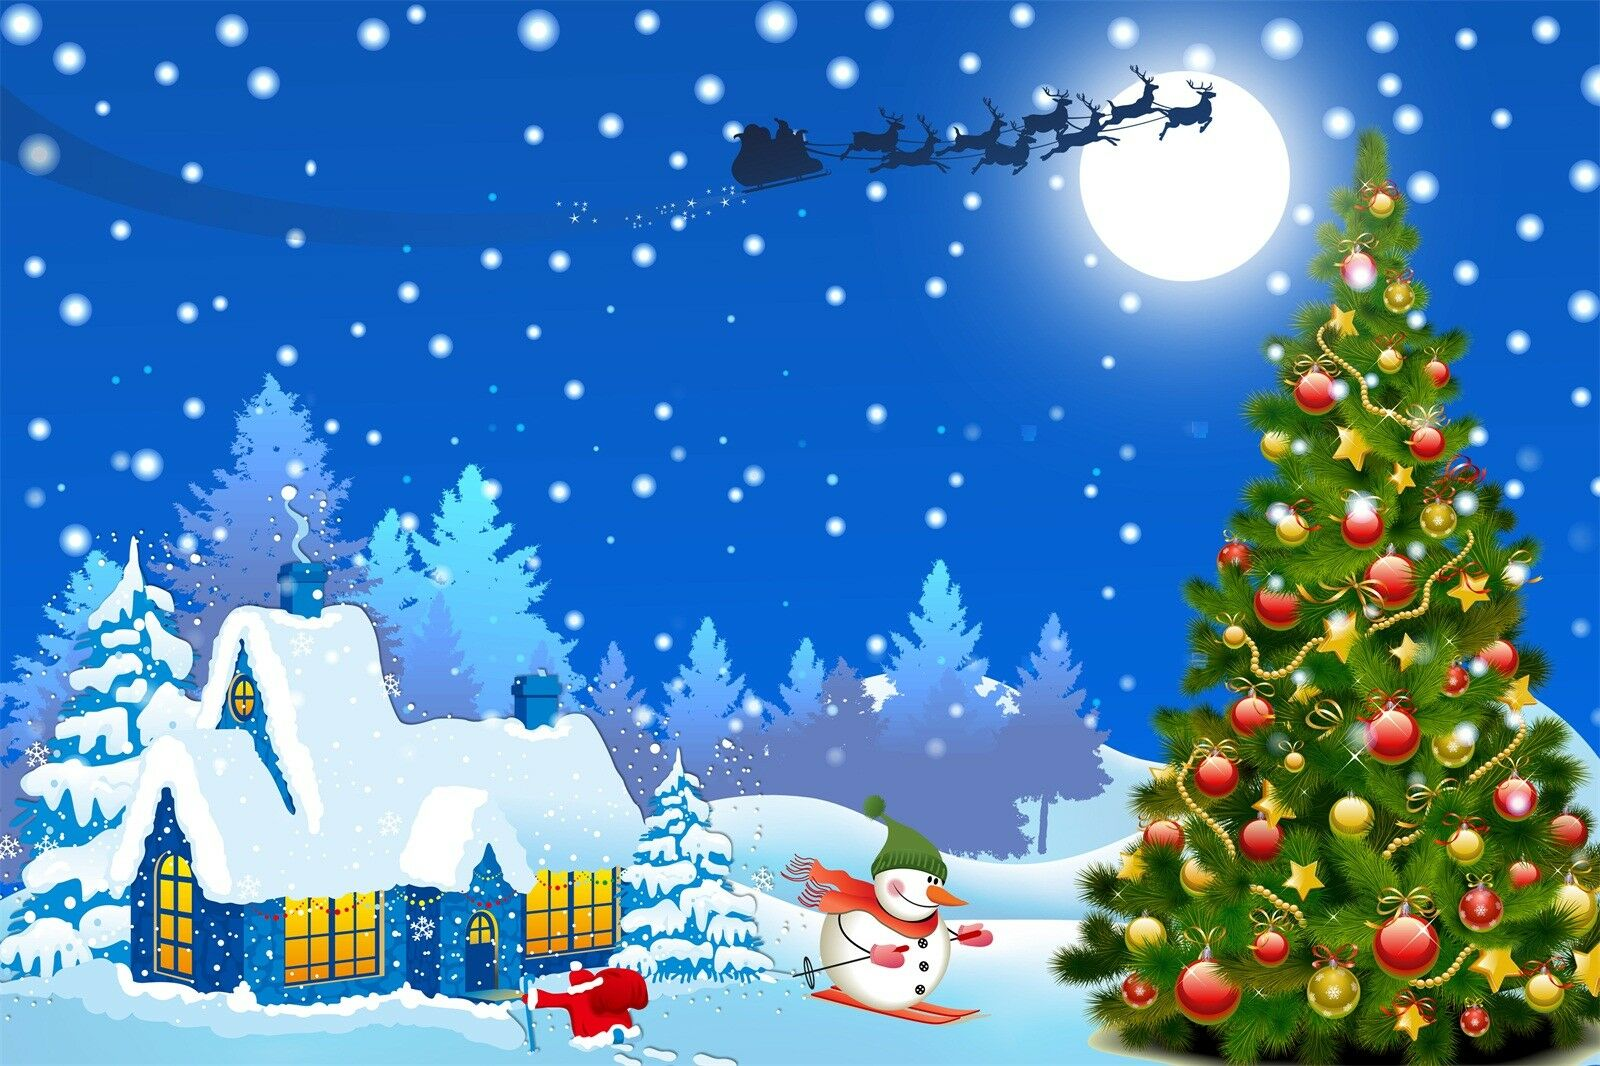 3D Kiefern Weihnachten 83 Tapete Wandgemälde Tapete Tapeten Tapeten Tapeten Bild Familie DE | Vielfalt  99ba5f